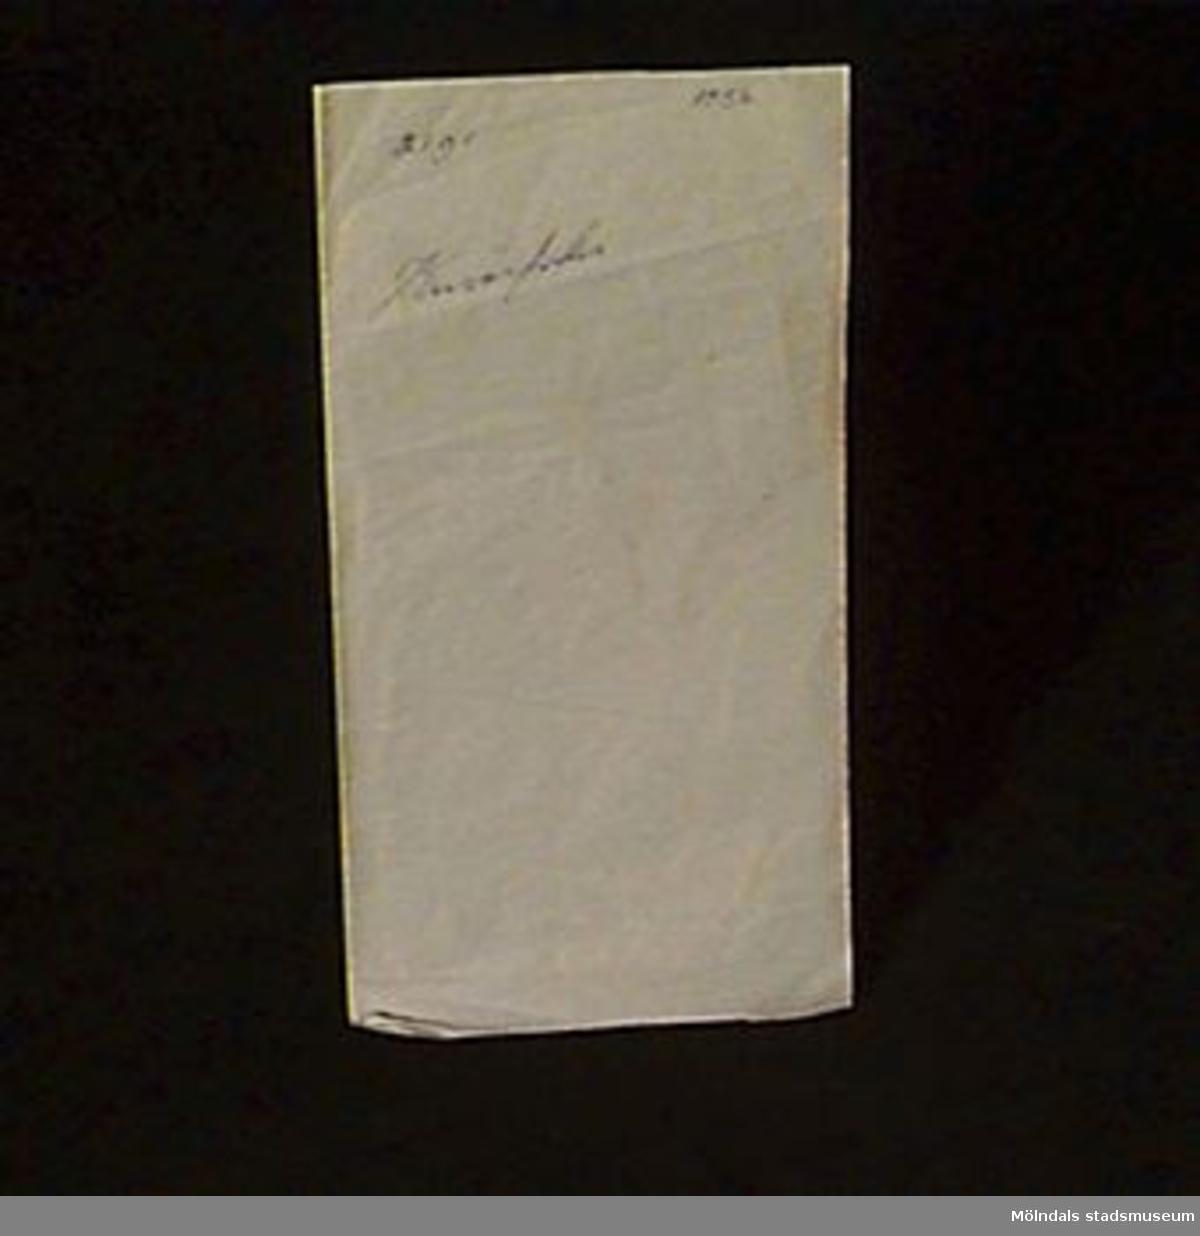 """Grått ark för kuvertfoder. Märkt med årtal (troligen) och produktsort och """"21 gr"""" skrivet i bläck.Litteratur: Papyrus 1895-1945, Minnesskrift, Esseltes Göteborgsindustrier AB, Göteborg 1945."""